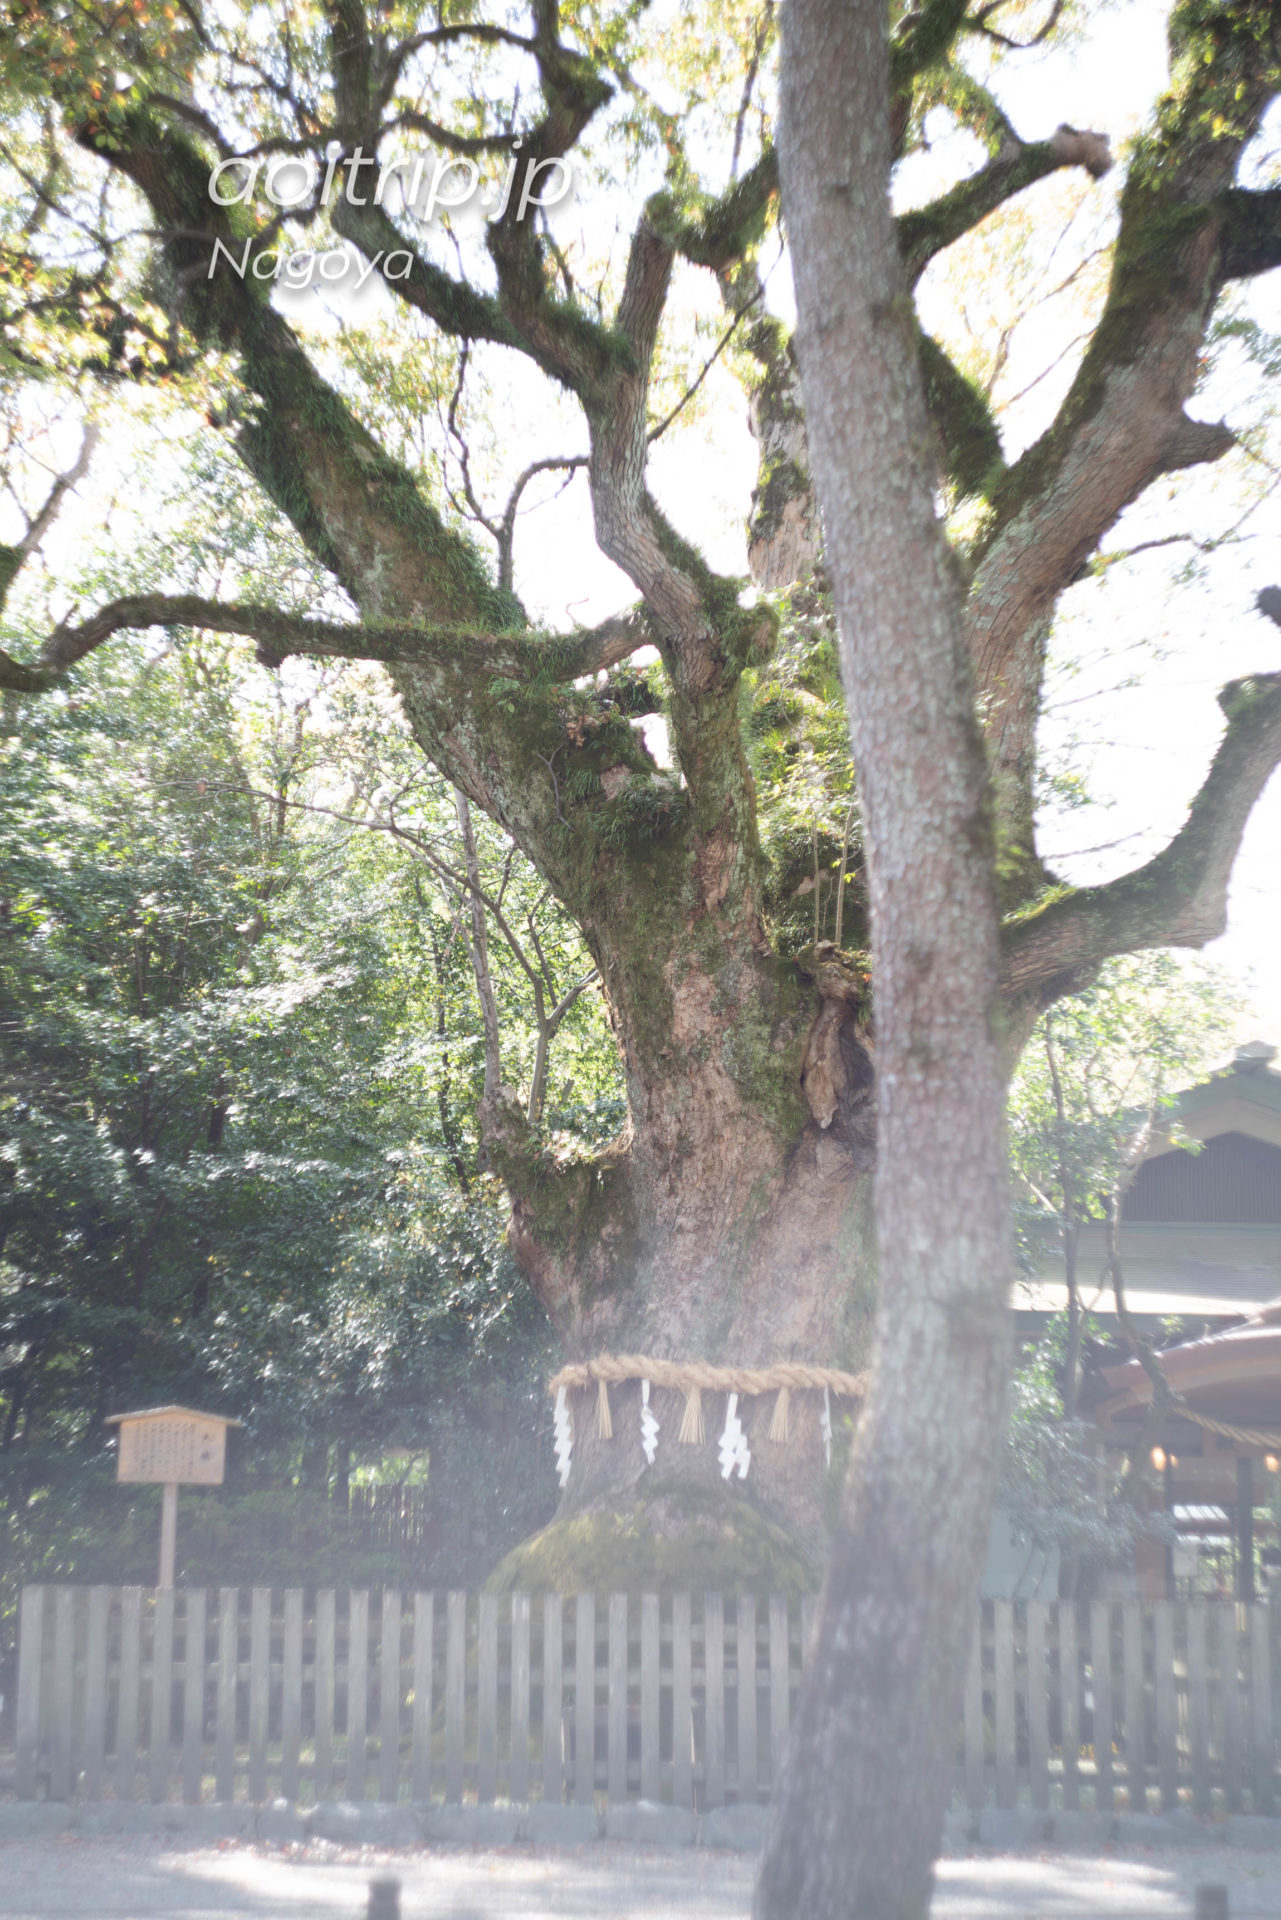 熱田神宮 Atsuta Jingu Shrine 大楠 Giant Camphor Tree